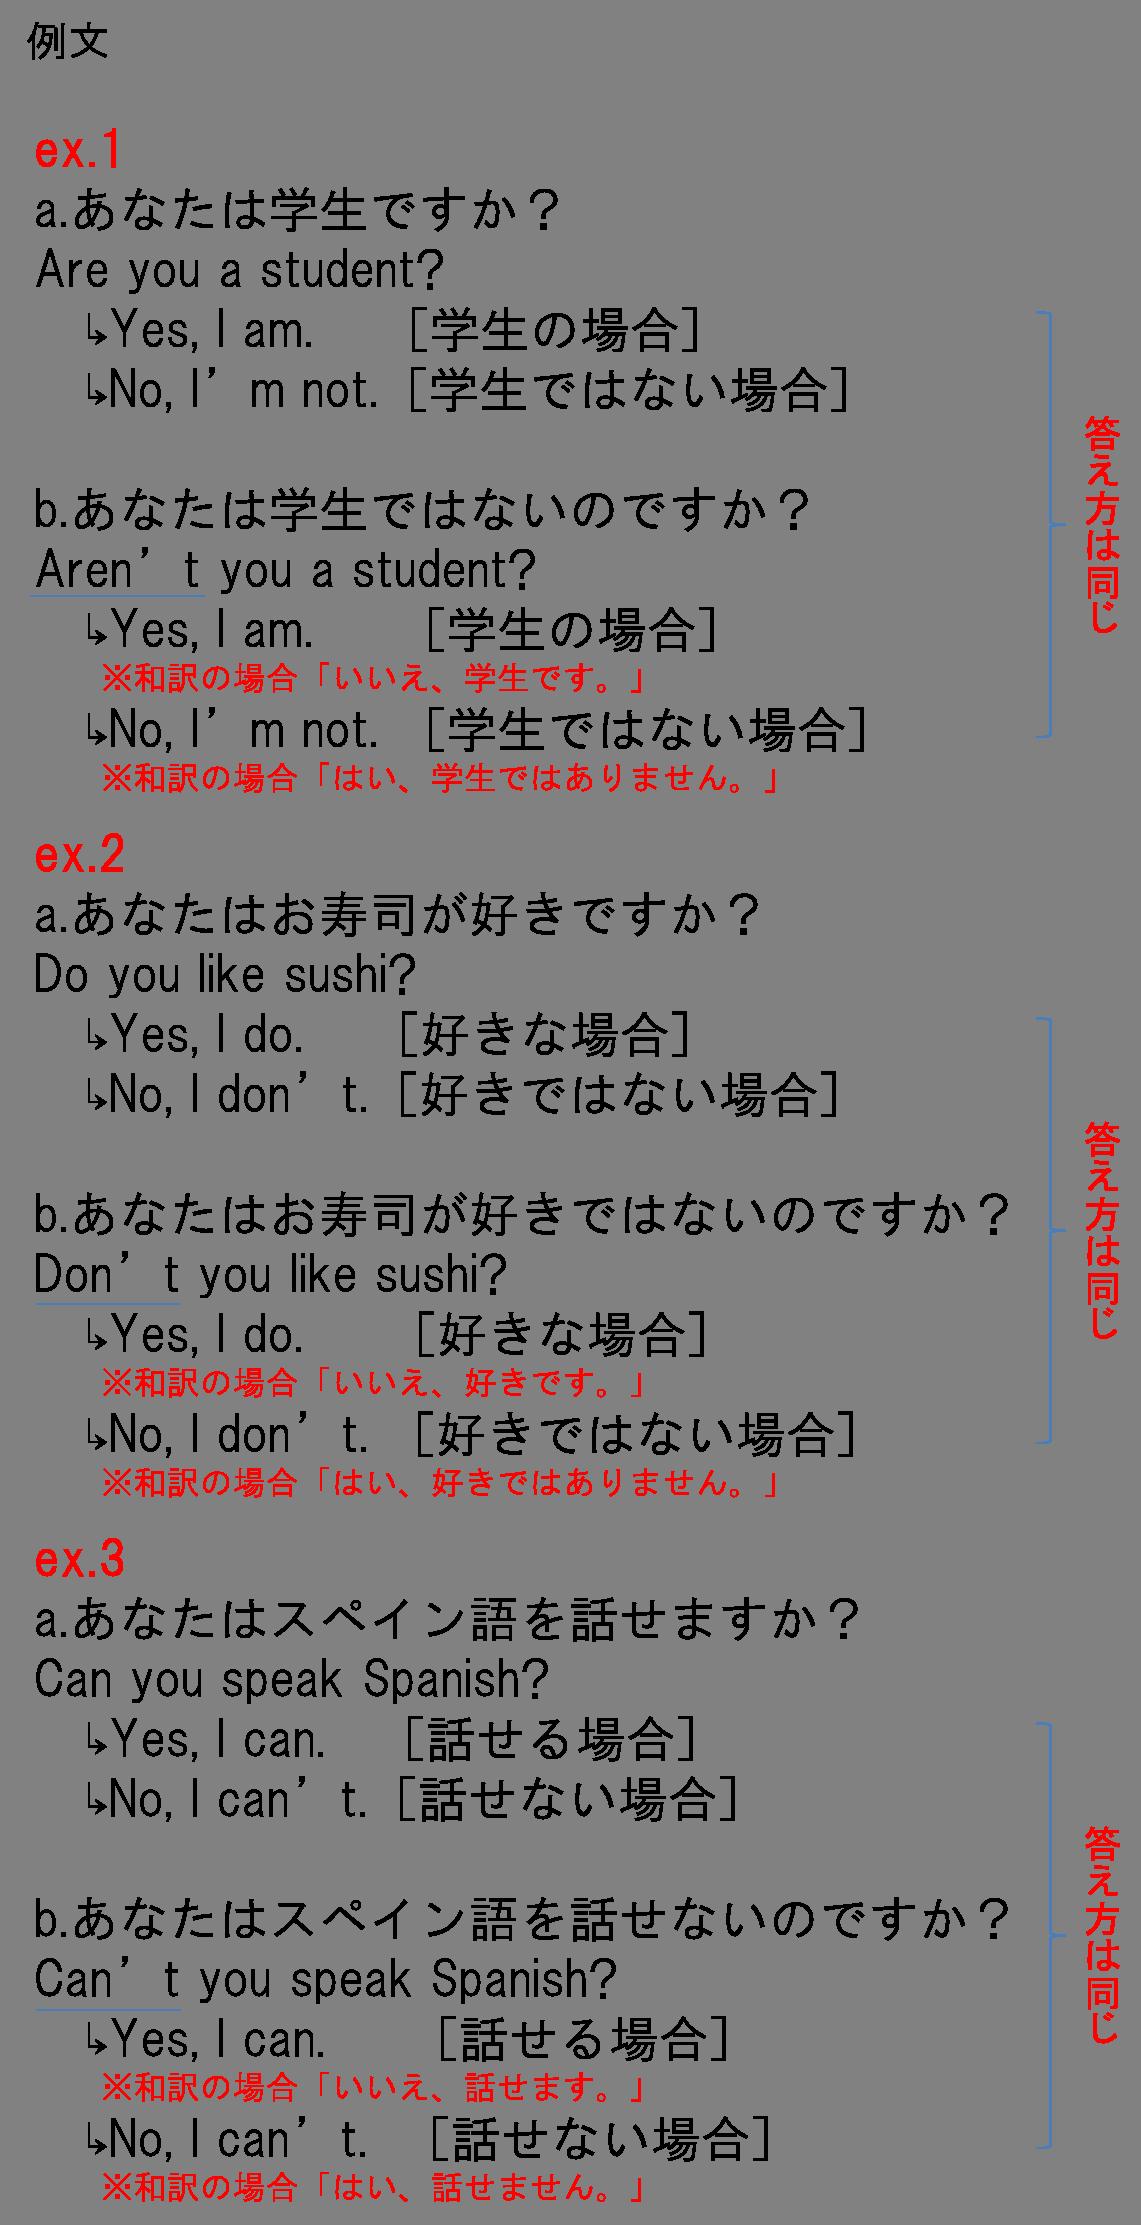 否定疑問文6